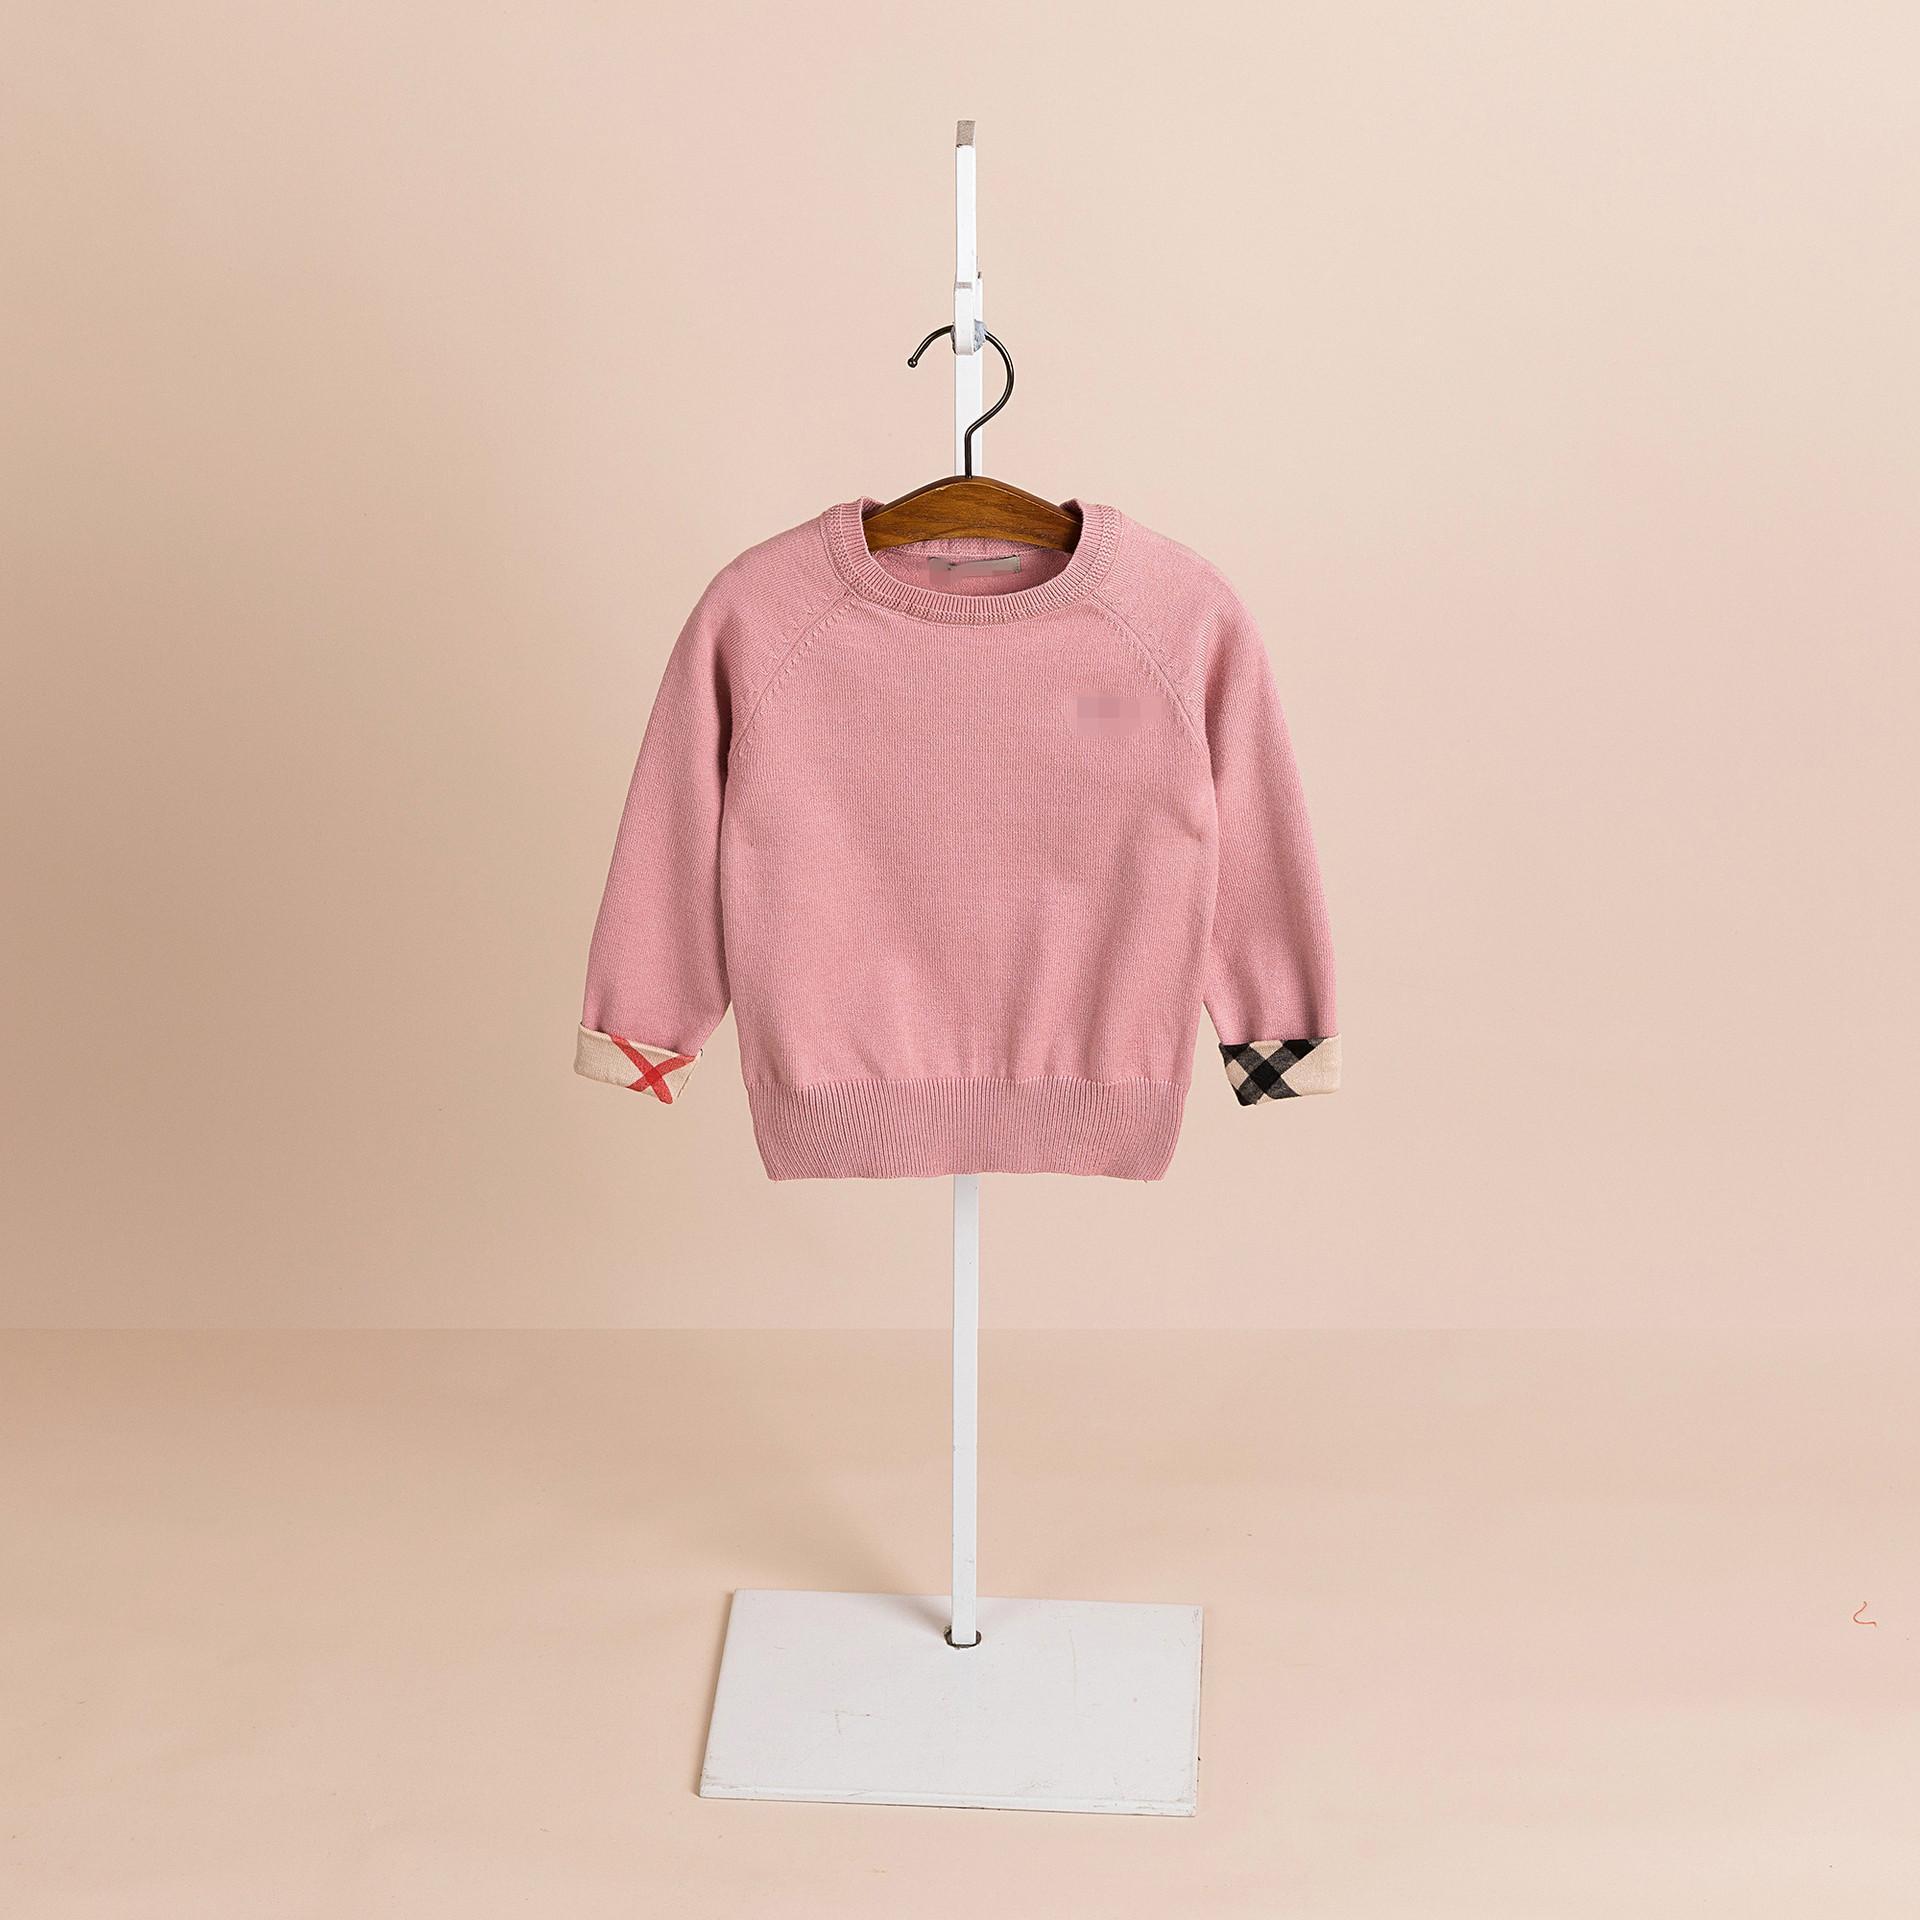 2019 внешней торговли новая детская одежда свитер длинные рукава клетчатые детские свитера сплошного цвета мальчиков и девочек кашемира свитер